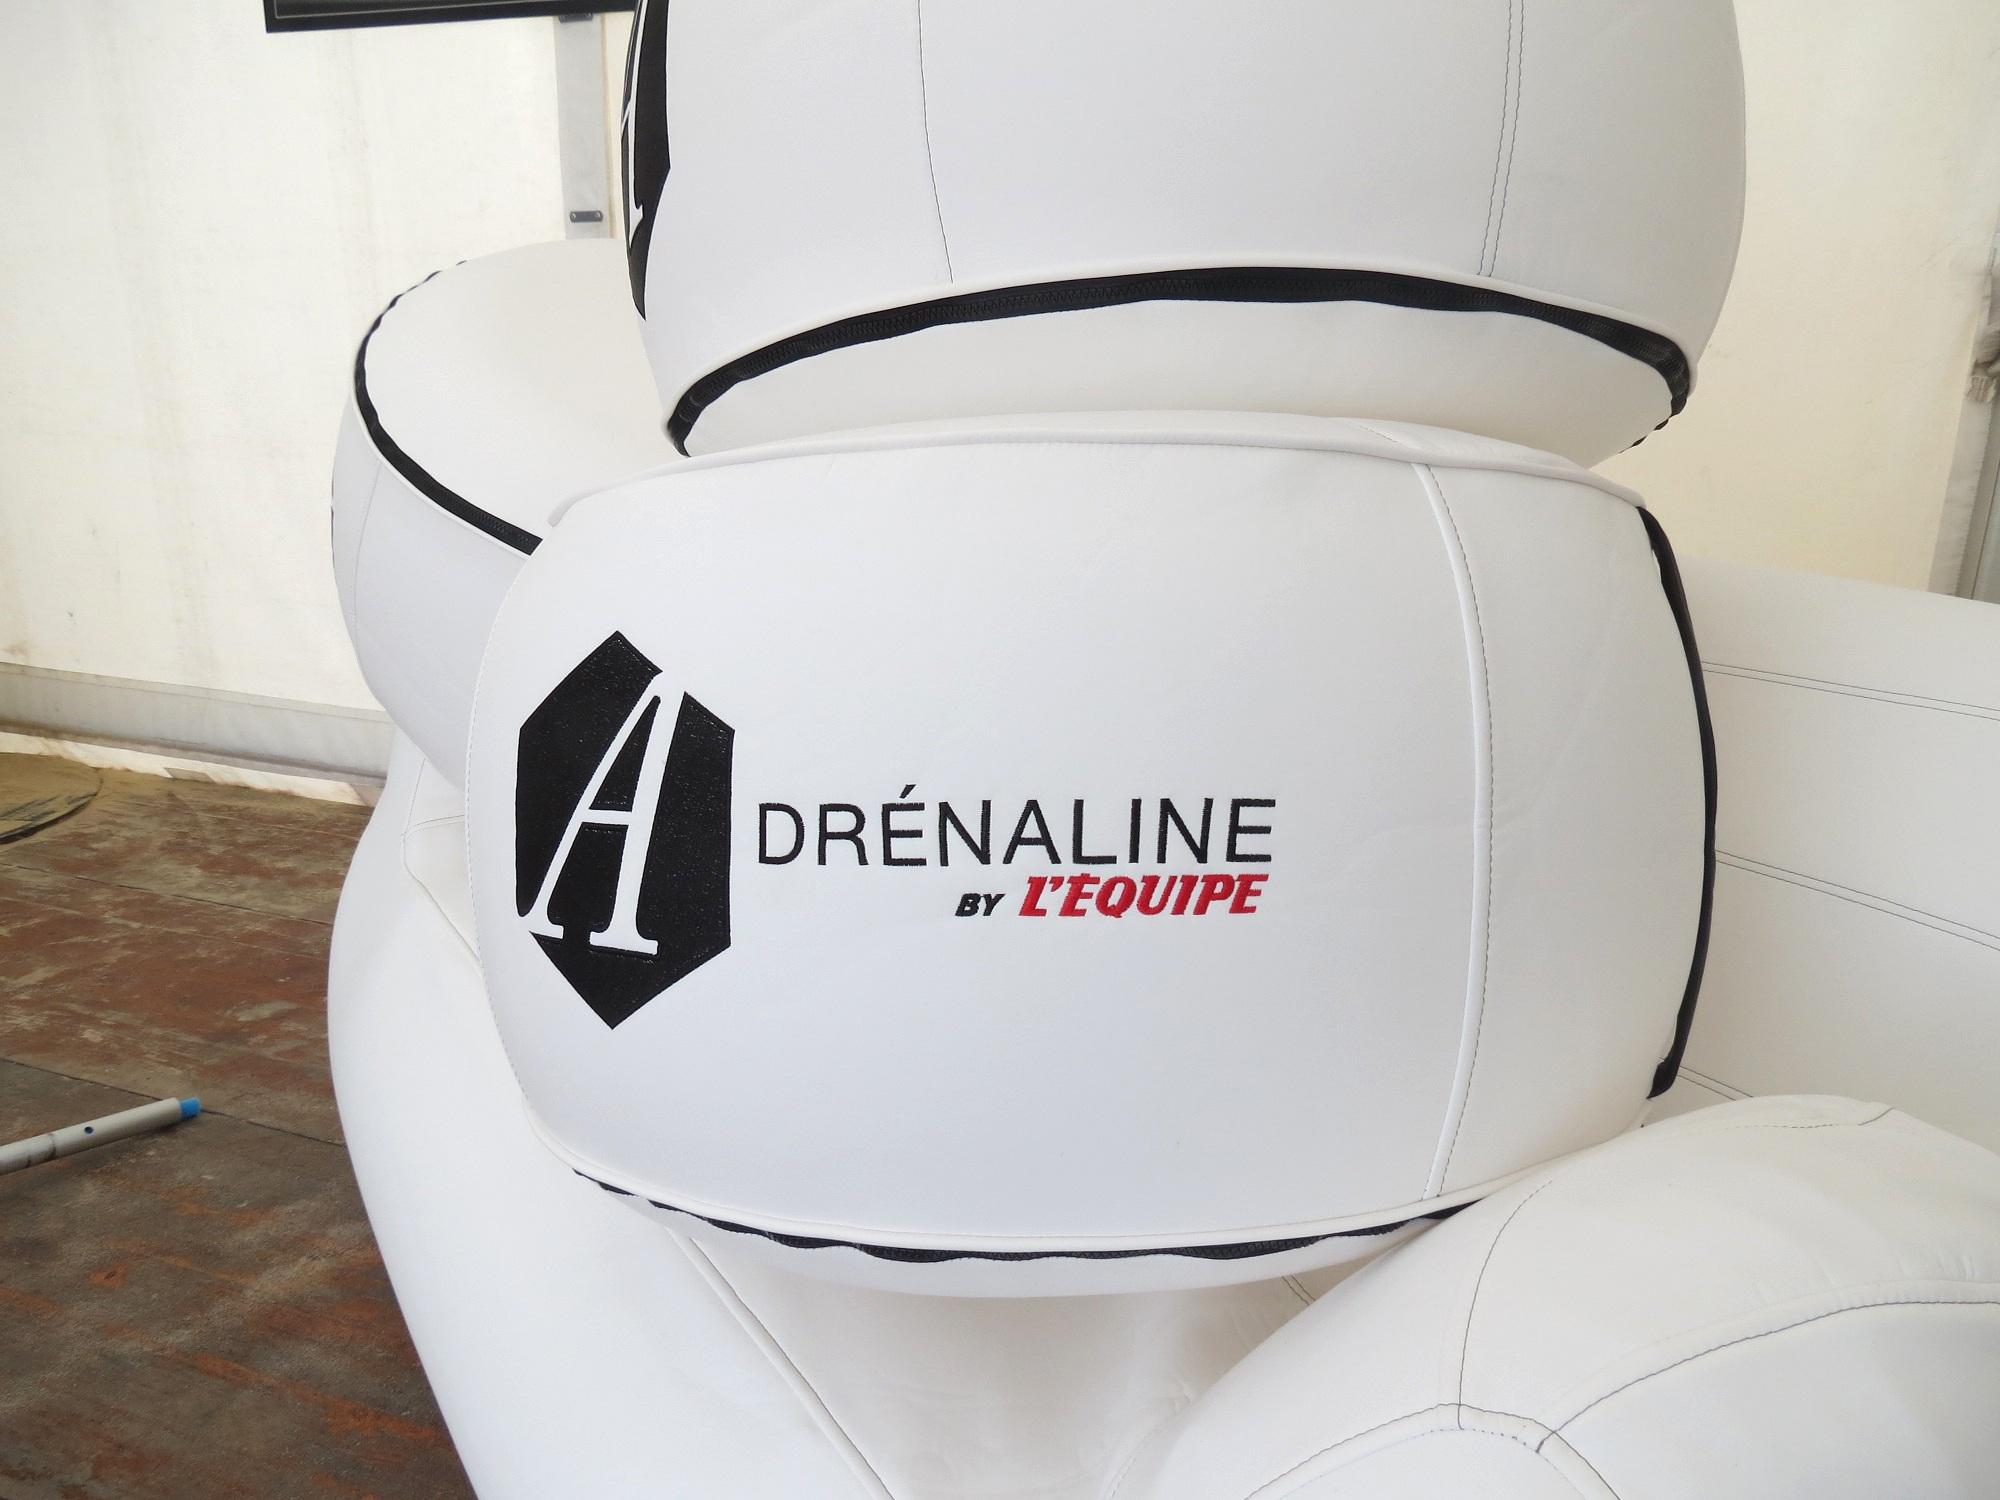 Adrénaline by l'Equipe